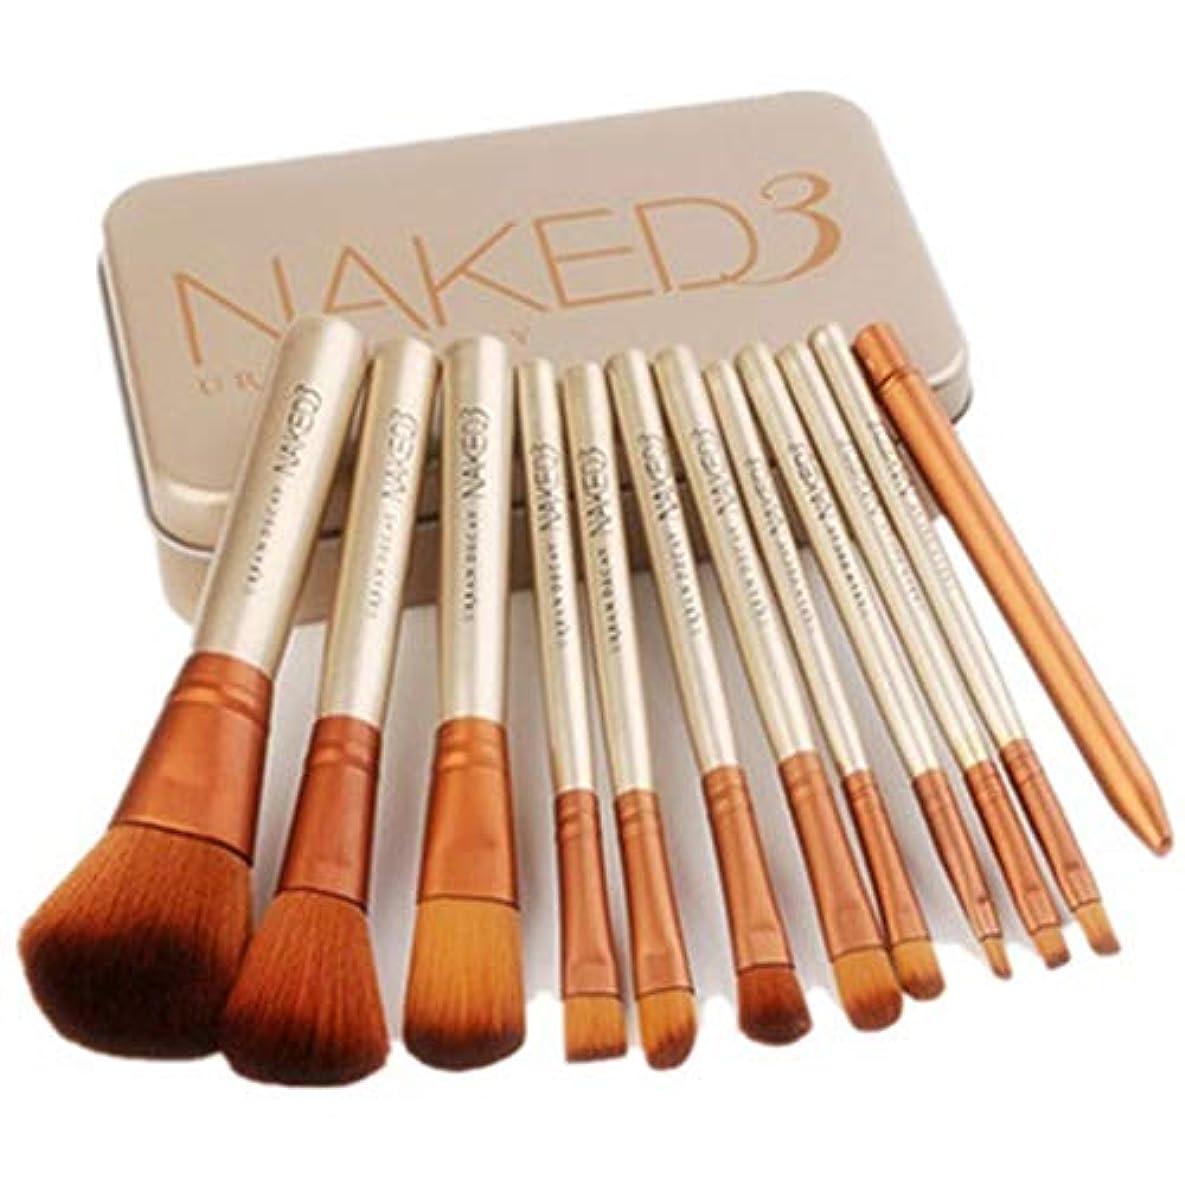 政策構成する現在初心者用化粧筆のための12の化粧筆美容化粧キット